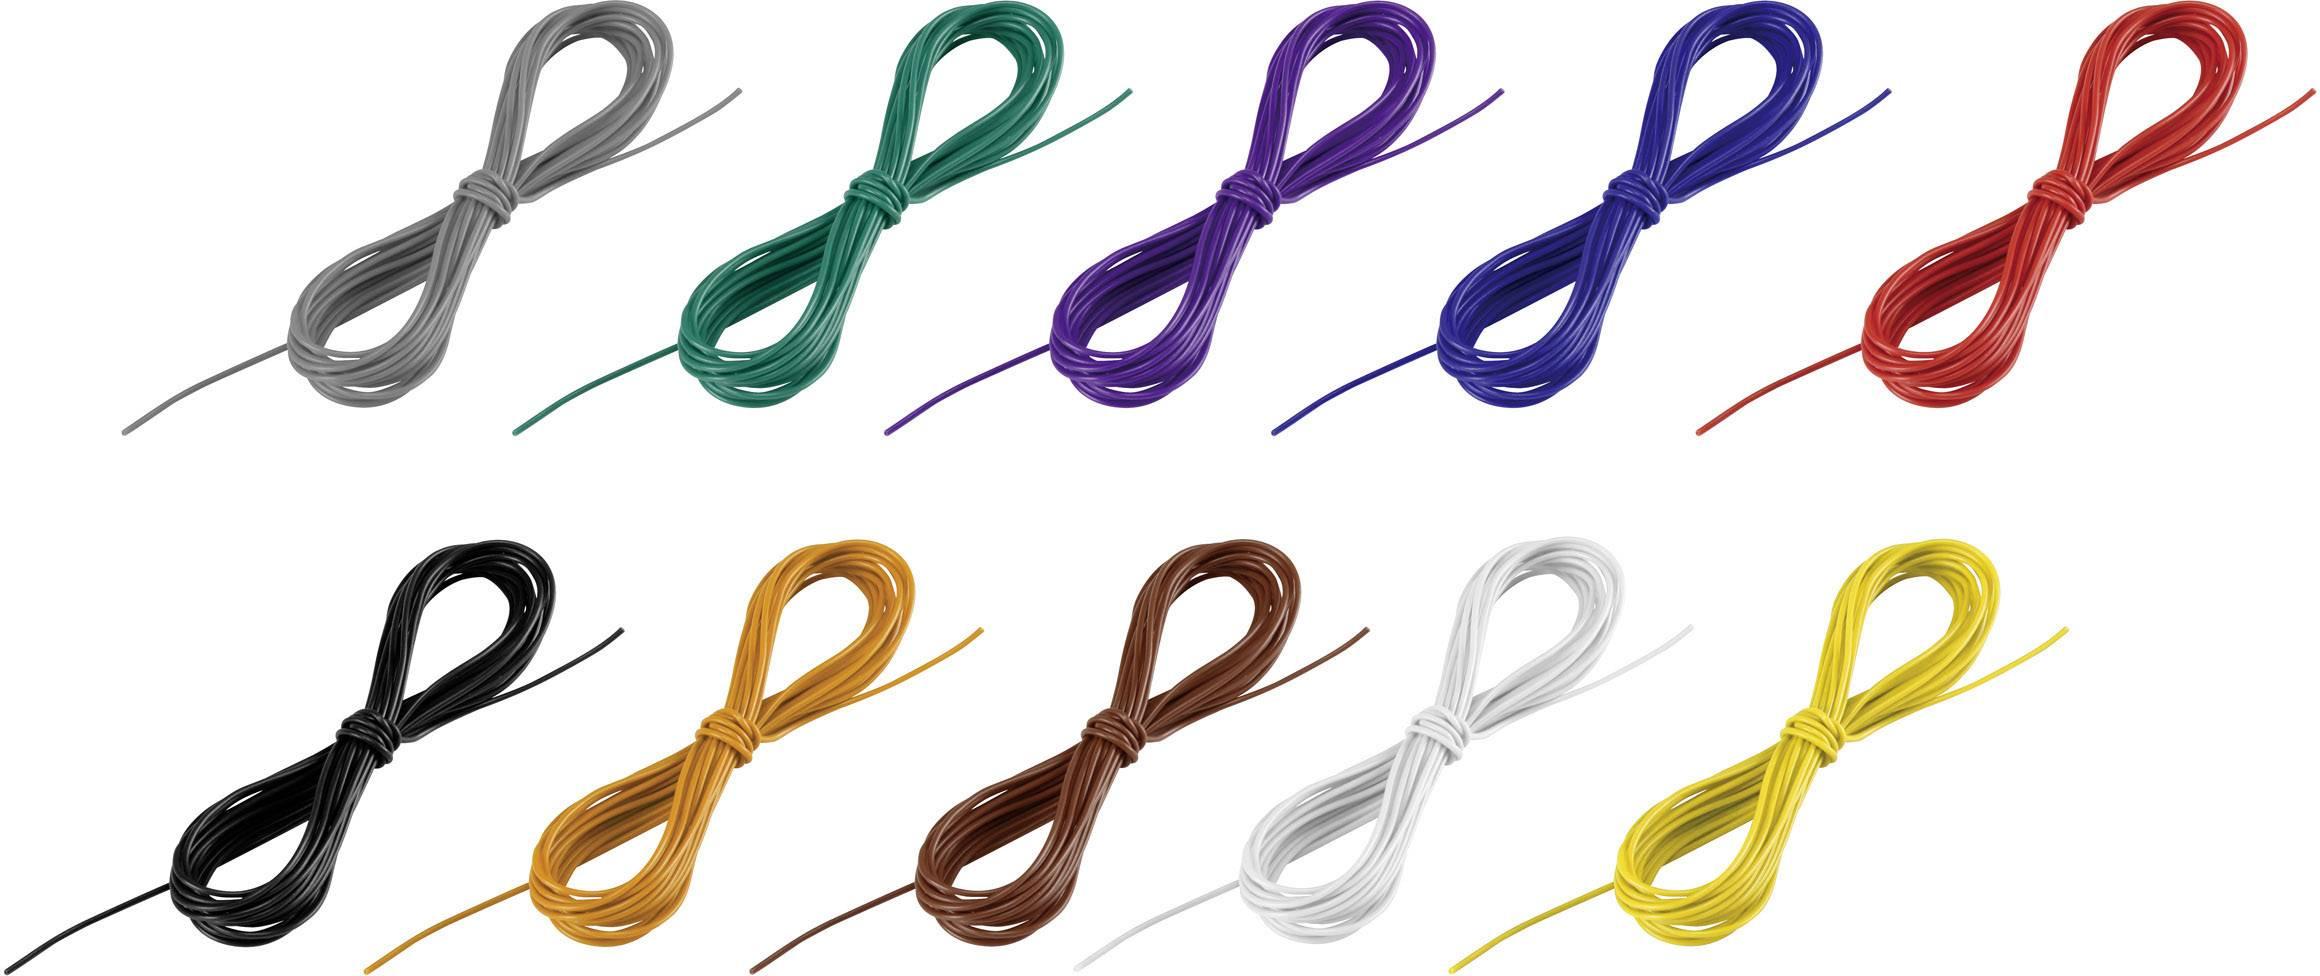 Opletenie / lanko Conrad Components 1243990 LiFY, 1 x 0.05 mm², vonkajší Ø 0.80 mm, 1 sada, čierna, biela, modrá, hnedá, červená, žltá, zelená, sivá, oranžová, purpurová